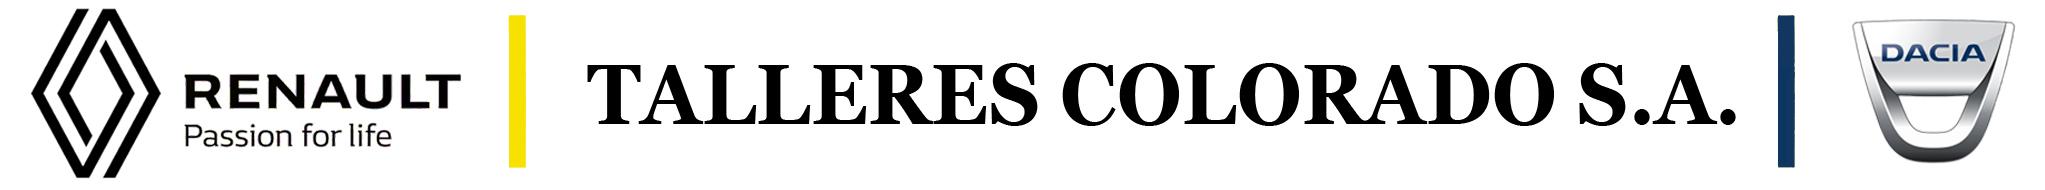 logotipo de TALLERES COLORADO SA